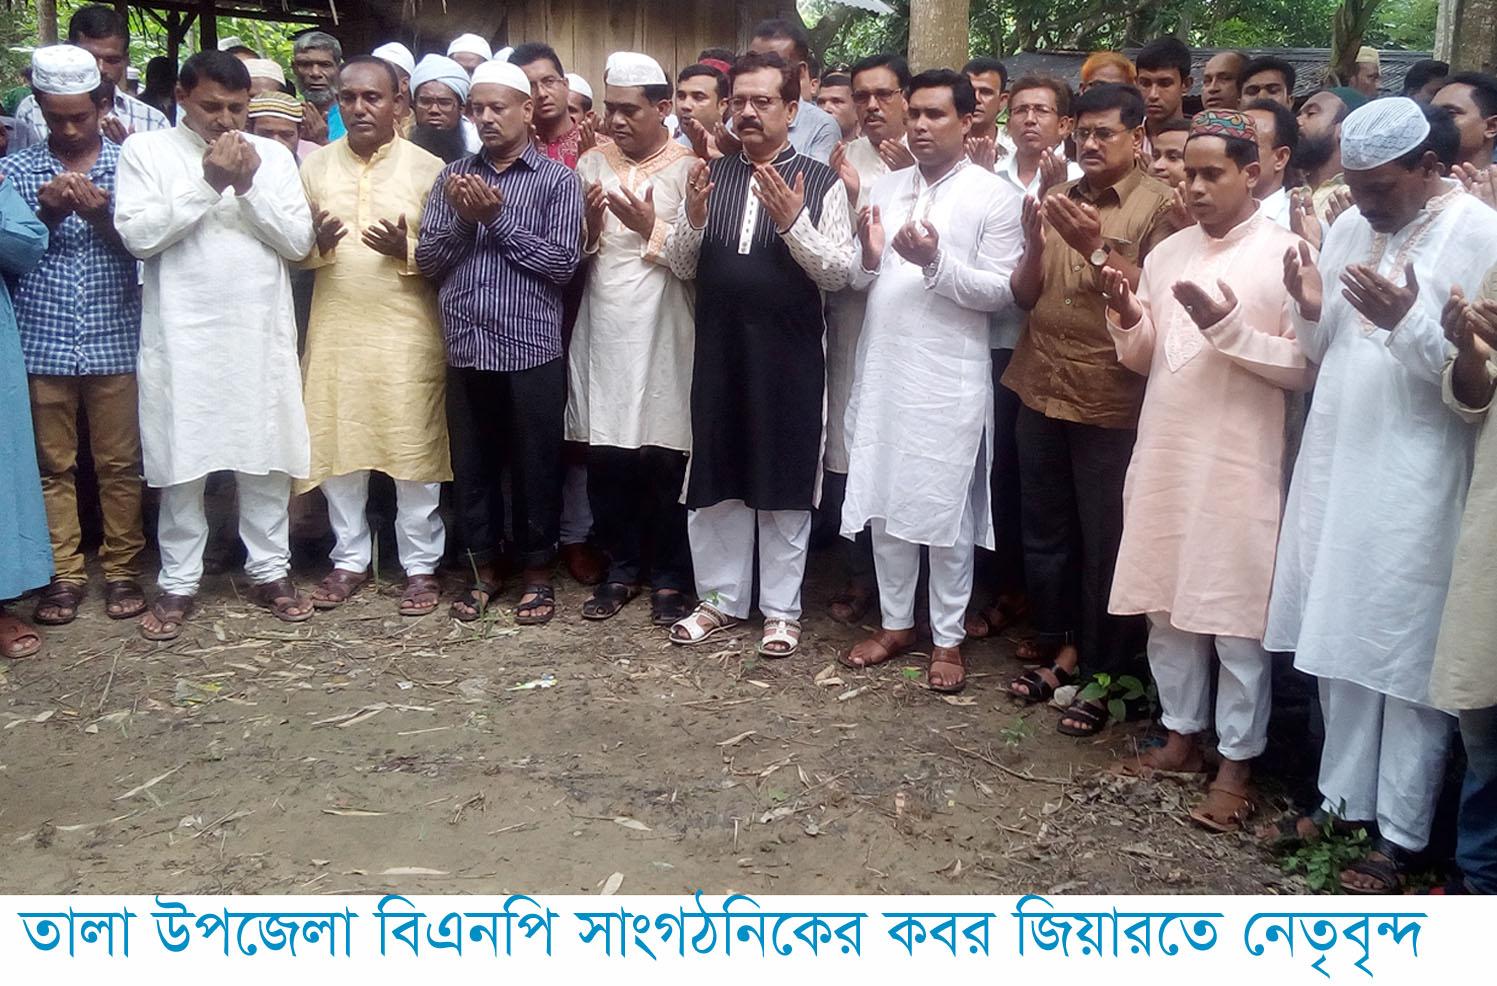 তালা উপজেলা বিএনপি নেতা বদরুজ্জামান বদরুলের কুলখানি অনুষ্ঠিত